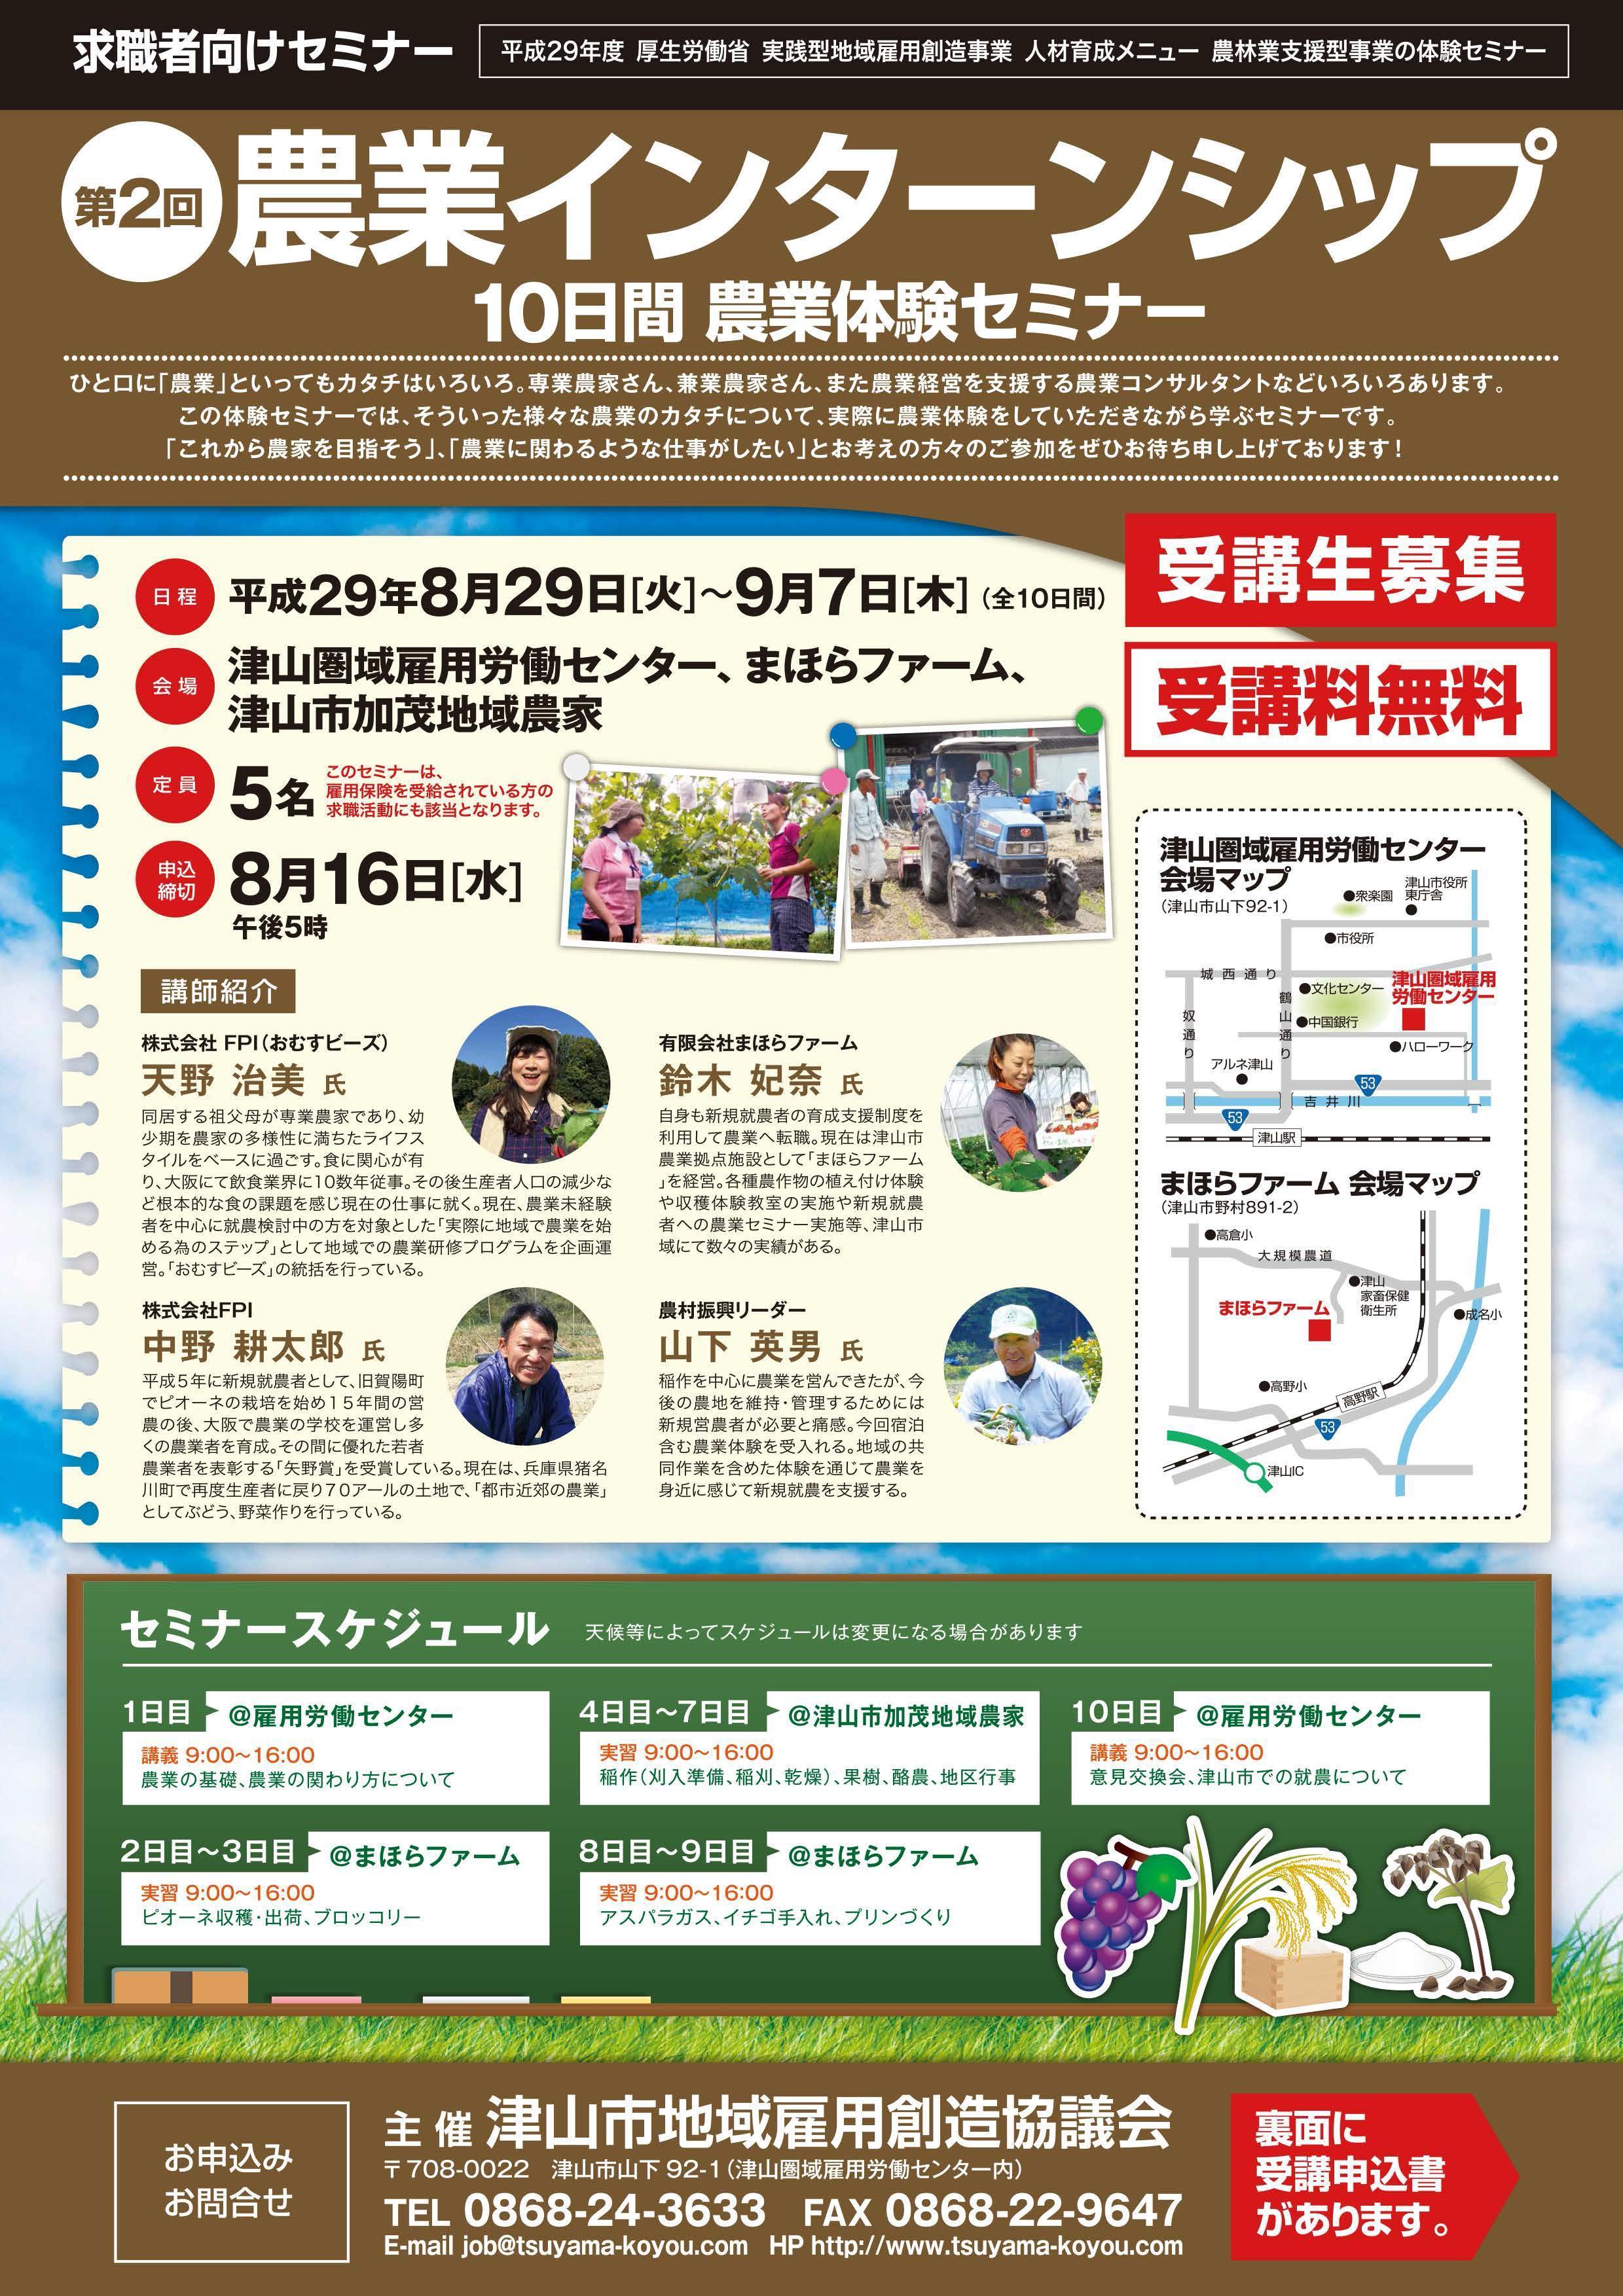 2017年8月29日(火)~9月7日(木)第2回 農業インターンシップ開催のお知らせ